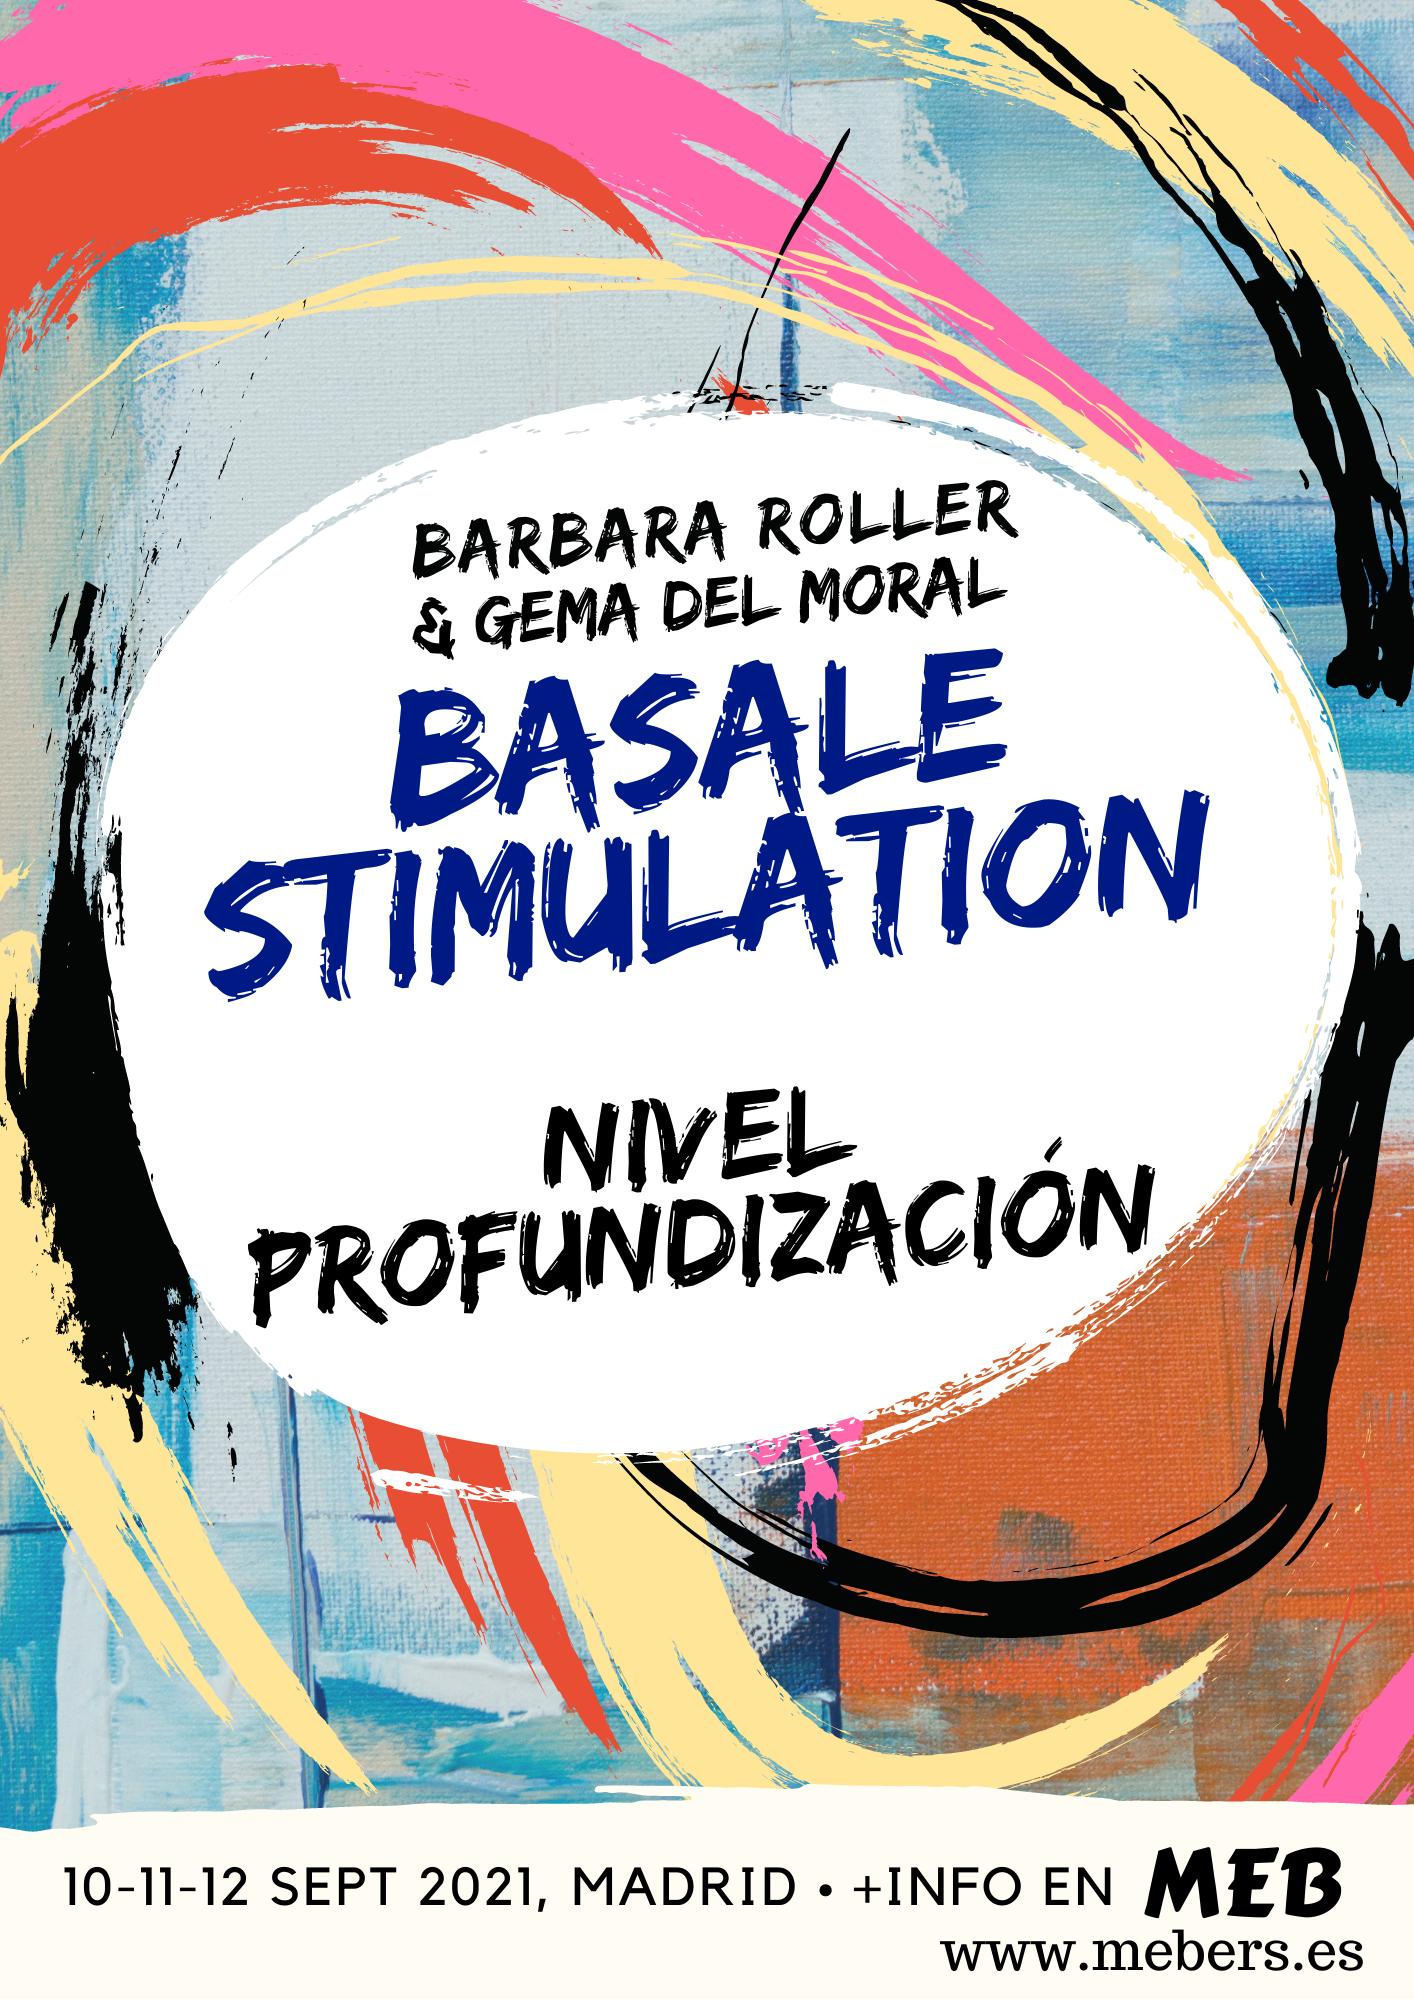 CURSO EN BASALE STIMULATION, NIVEL PROFUNDIZACIÓN.